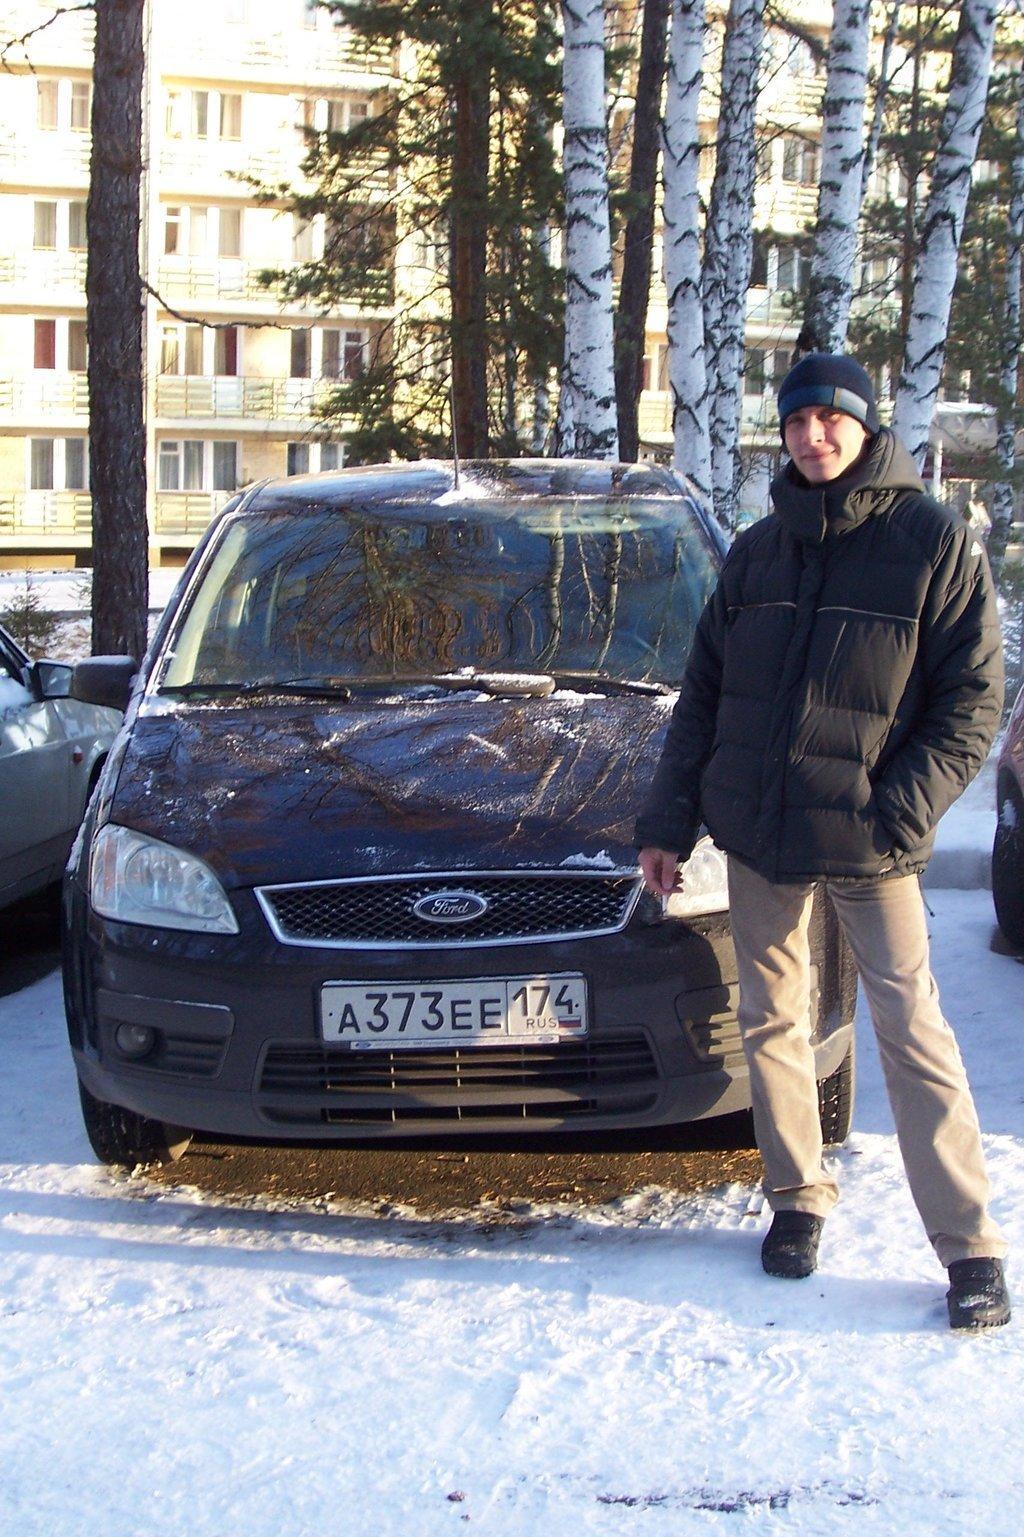 описание дизельного двигателя peugeot .ford 1.8d